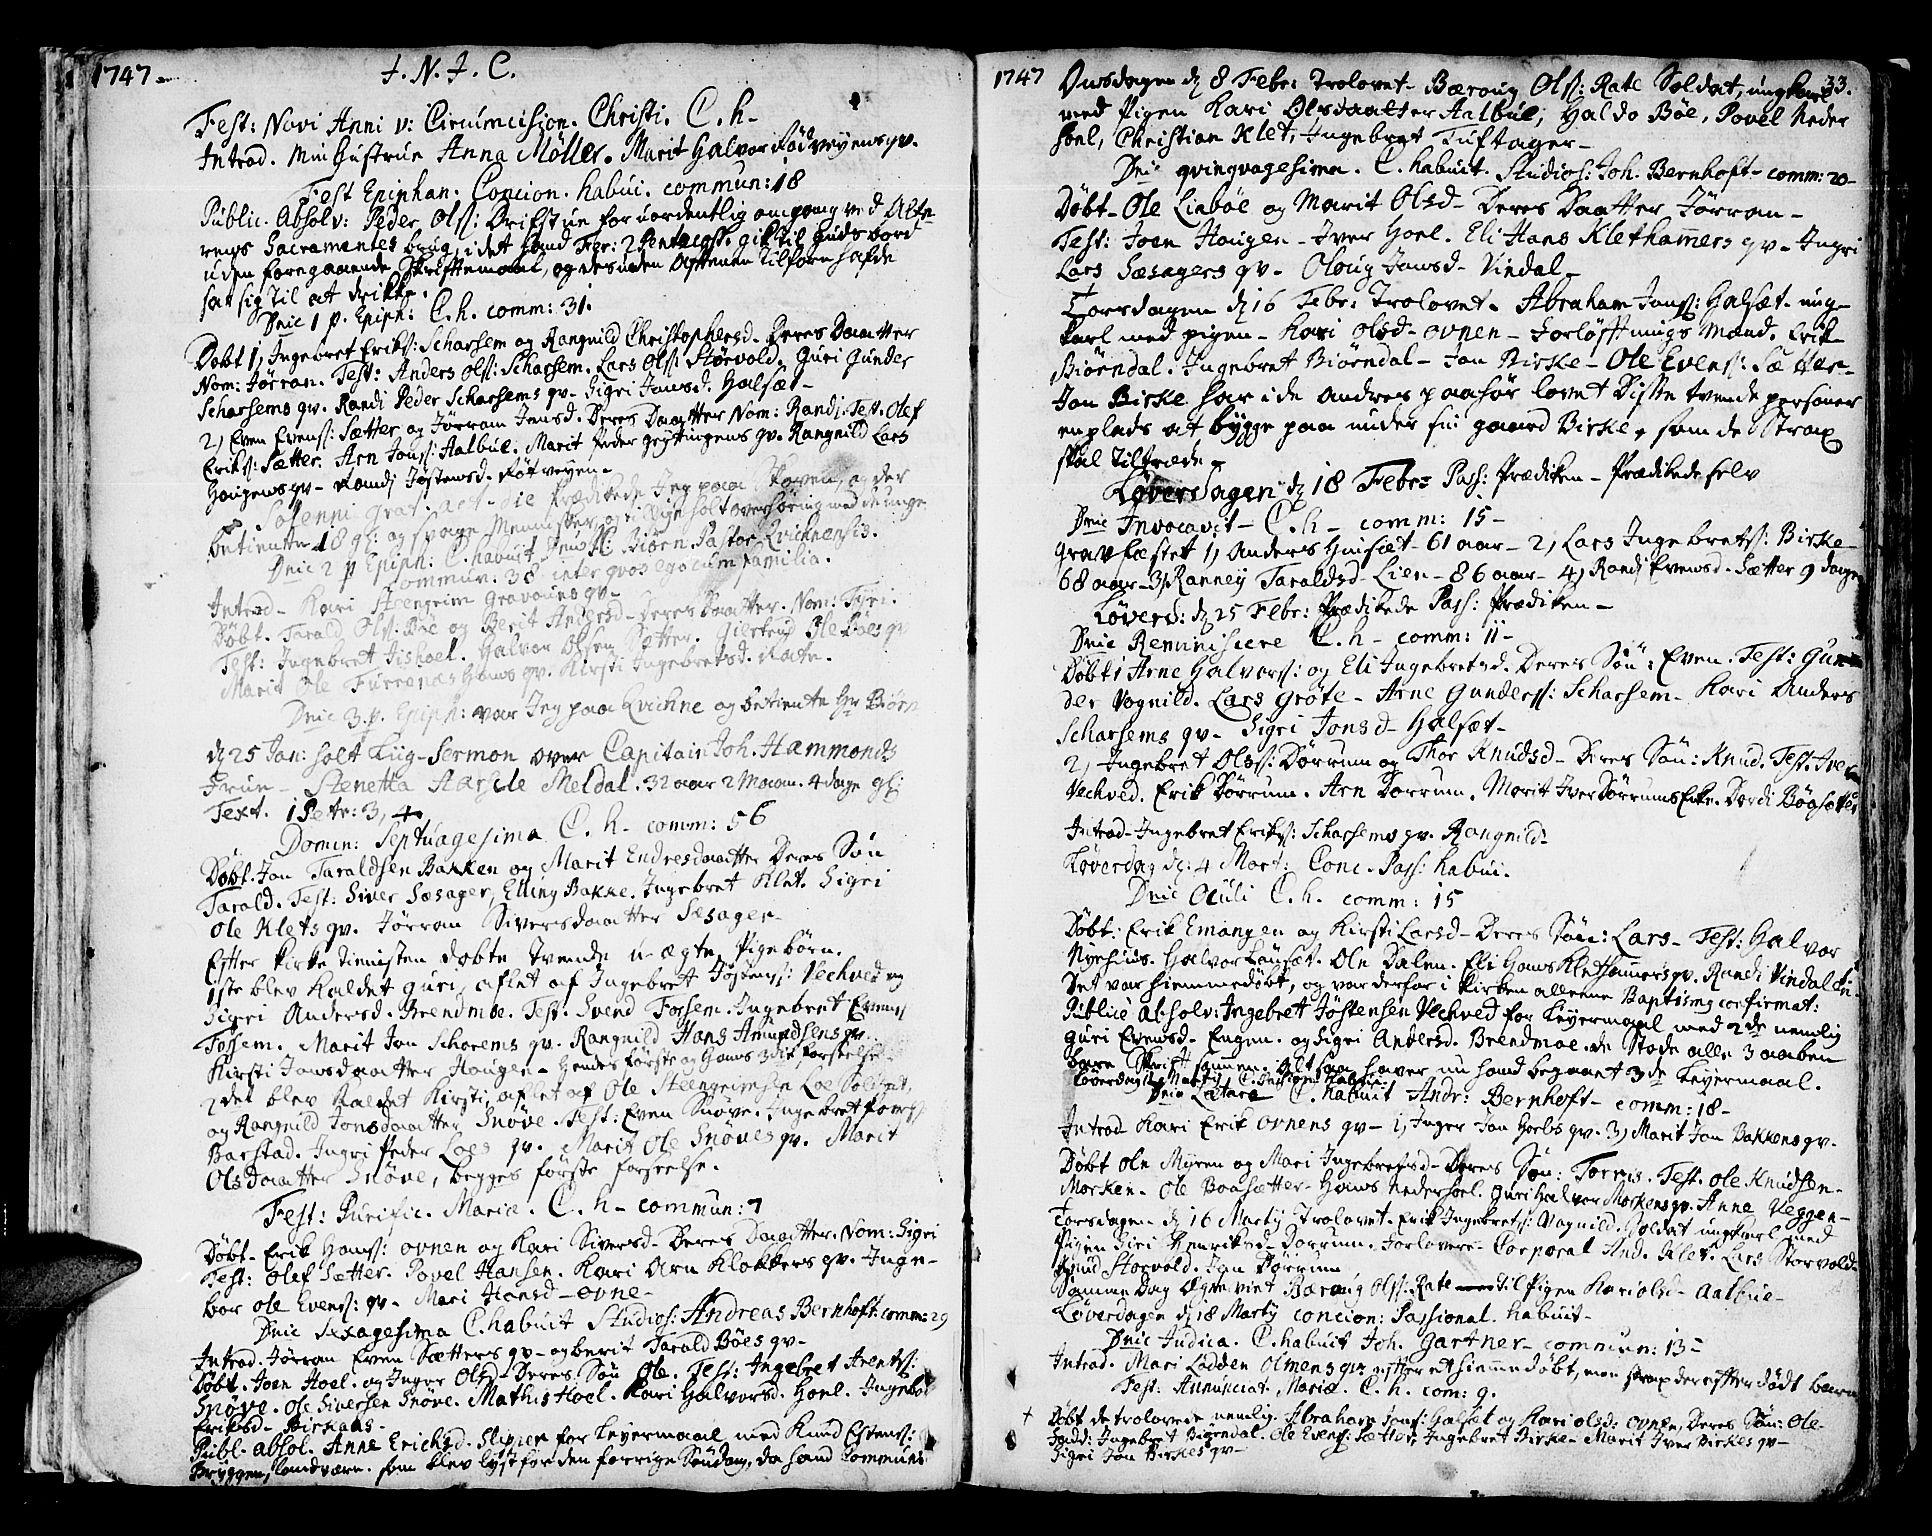 SAT, Ministerialprotokoller, klokkerbøker og fødselsregistre - Sør-Trøndelag, 678/L0891: Ministerialbok nr. 678A01, 1739-1780, s. 33